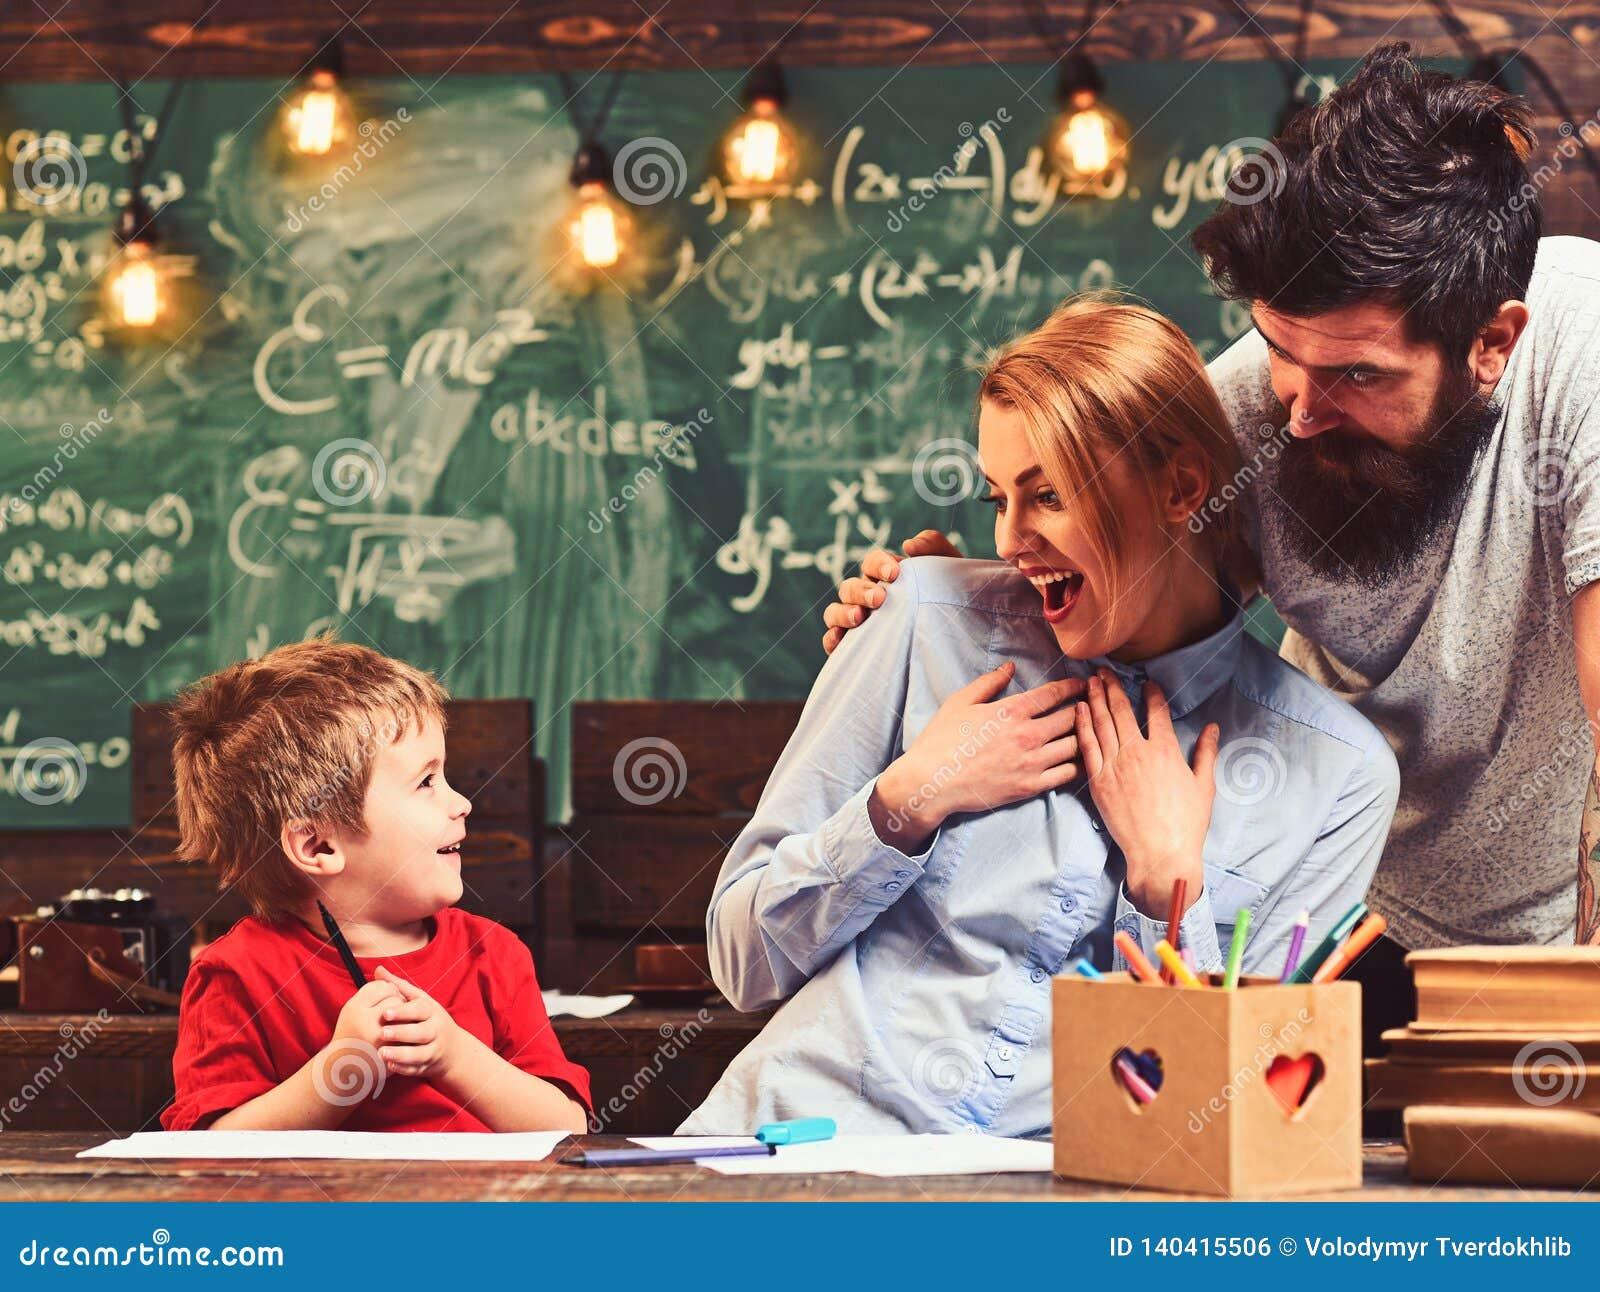 Χρώμα παιδιών με το χαμόγελο γυναικών και ανδρών Παιδί και ευτυχές οικογενειακό σχέδιο, δημιουργικότητα και ανάπτυξη